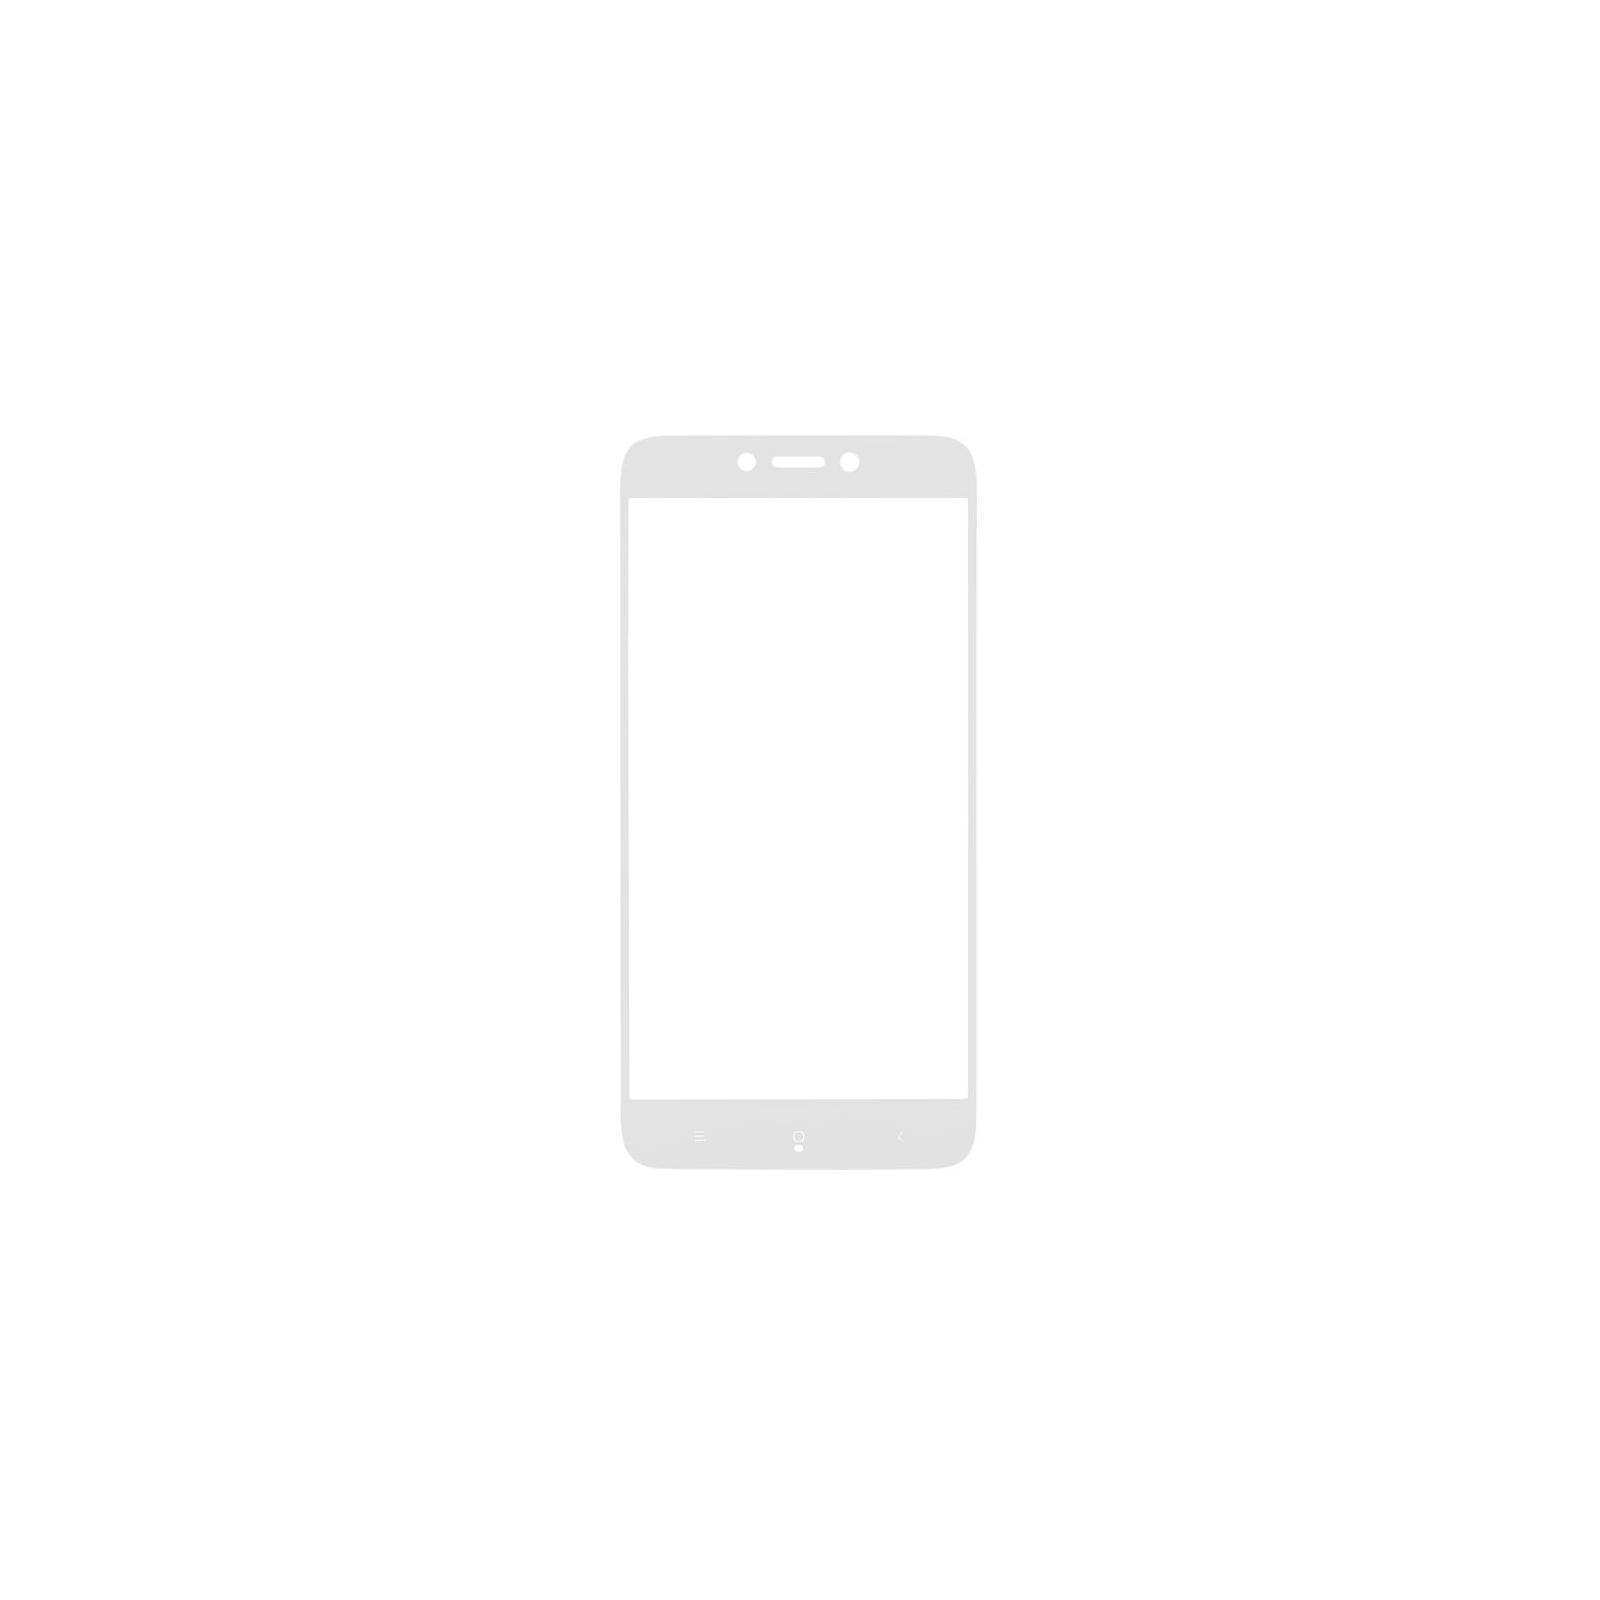 Стекло защитное MakeFuture для Xiaomi Redmi 5A White Full Cover Full Glue (MGFCFG-XR5AW) изображение 3